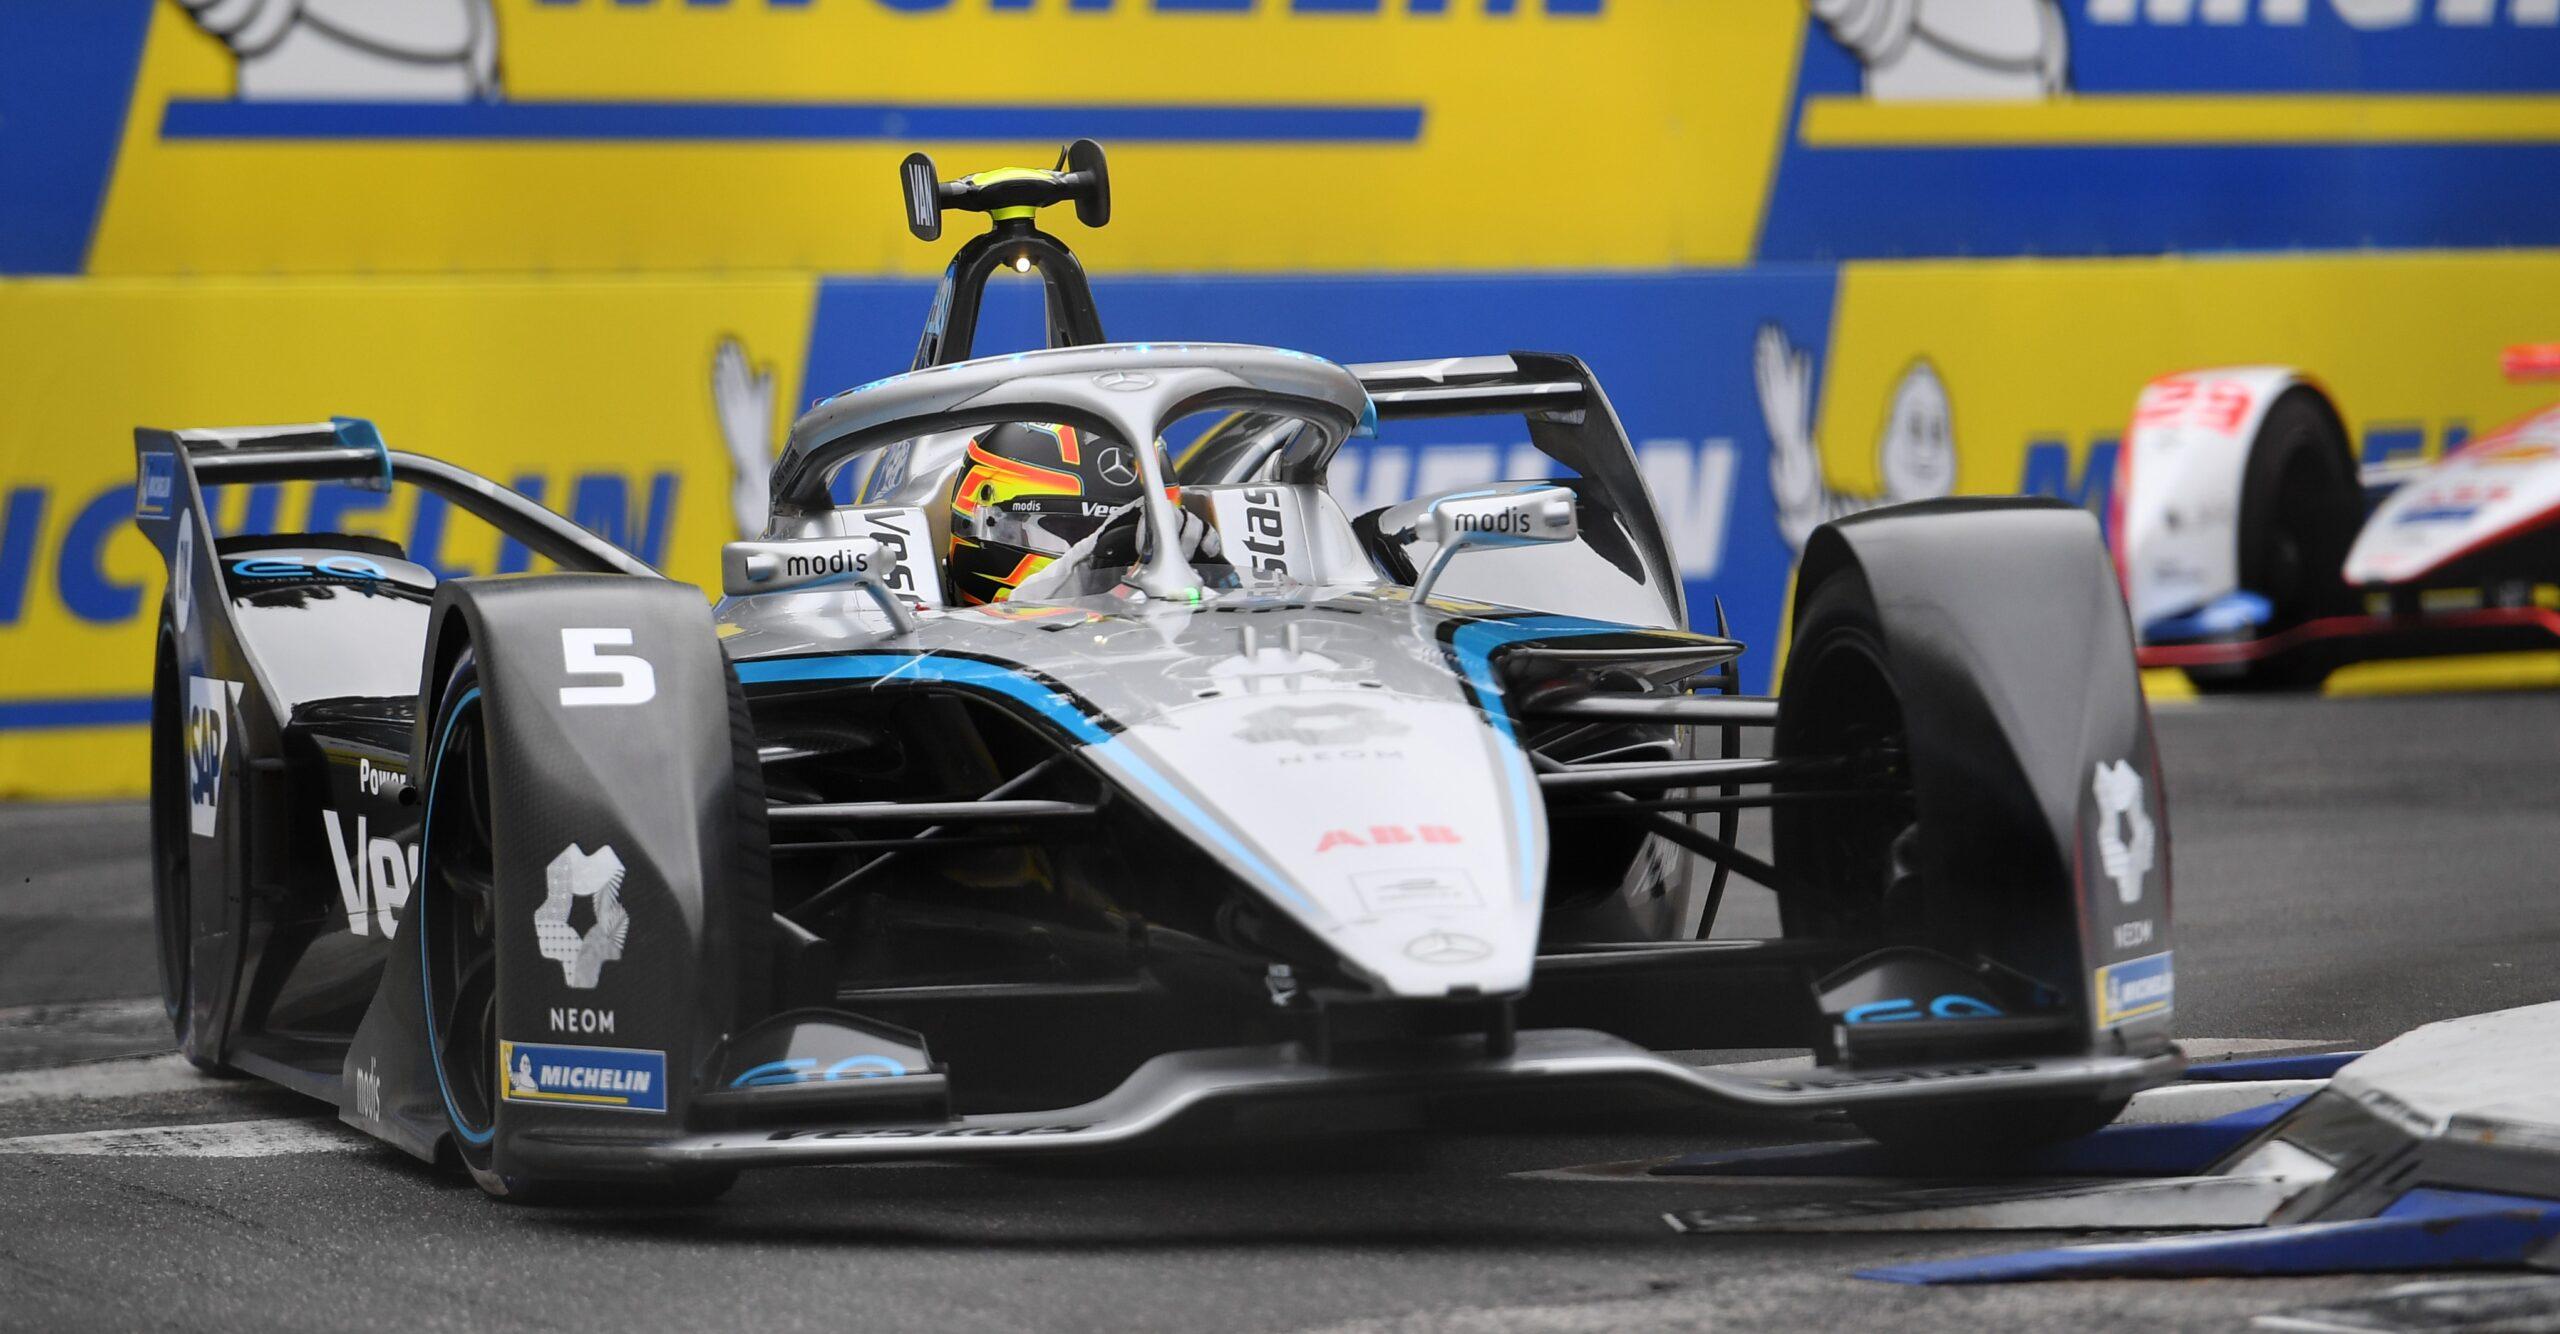 Gara E-Prix di Roma (Round 4) di Formula E: Vince Vandoorne con la sua Mercedes in una gara piena di colpi di scena.